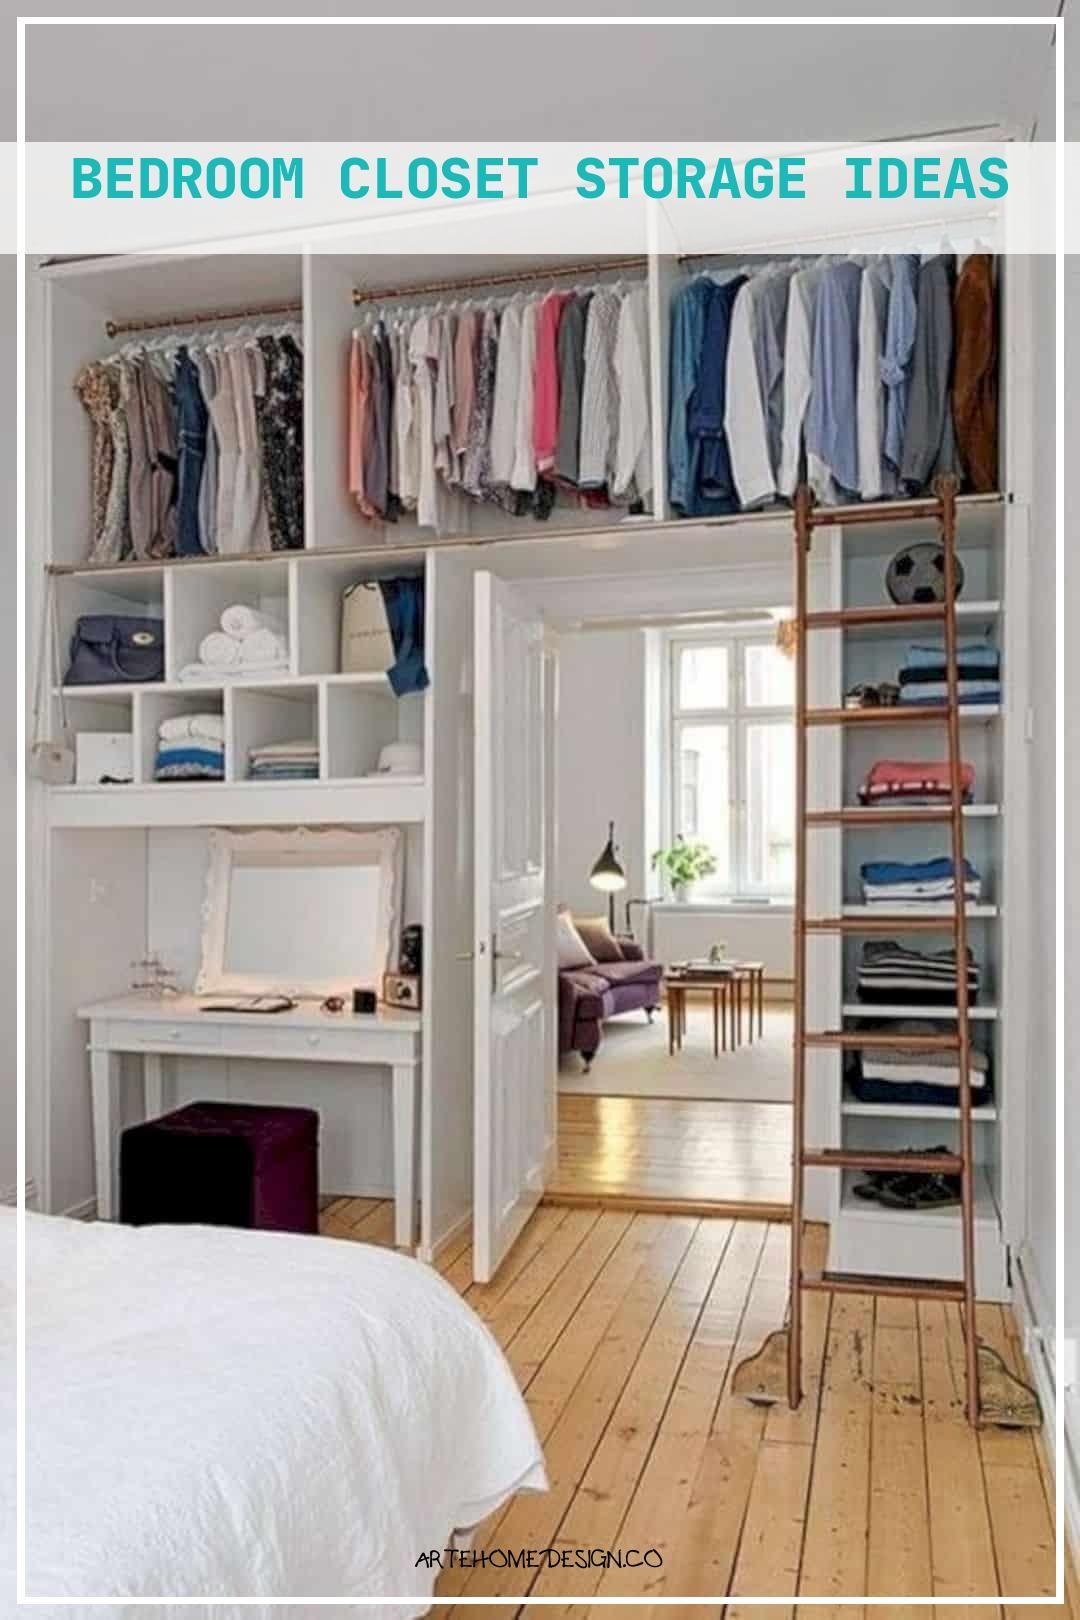 10 Diy Storage Bedroom Diy Bedroom Interior Tutorials In 2020 Diy Storage Bed Storage Kids Room Bedroom Diy